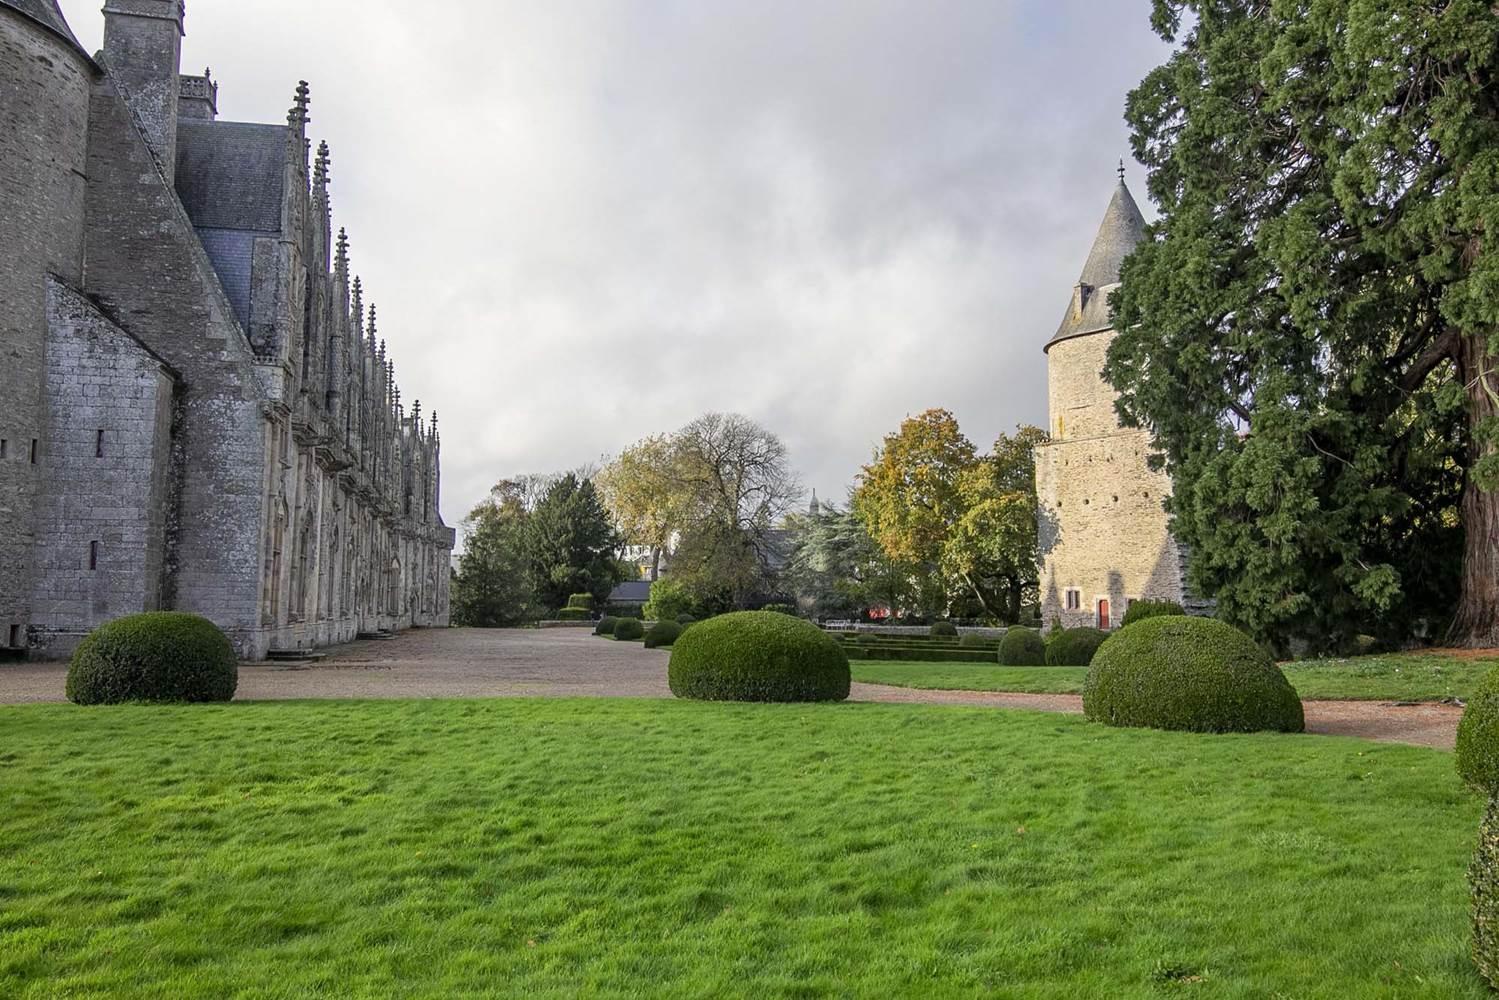 Château et parc de Josselin - Morbihan Bretagne Sud-24 © Meero